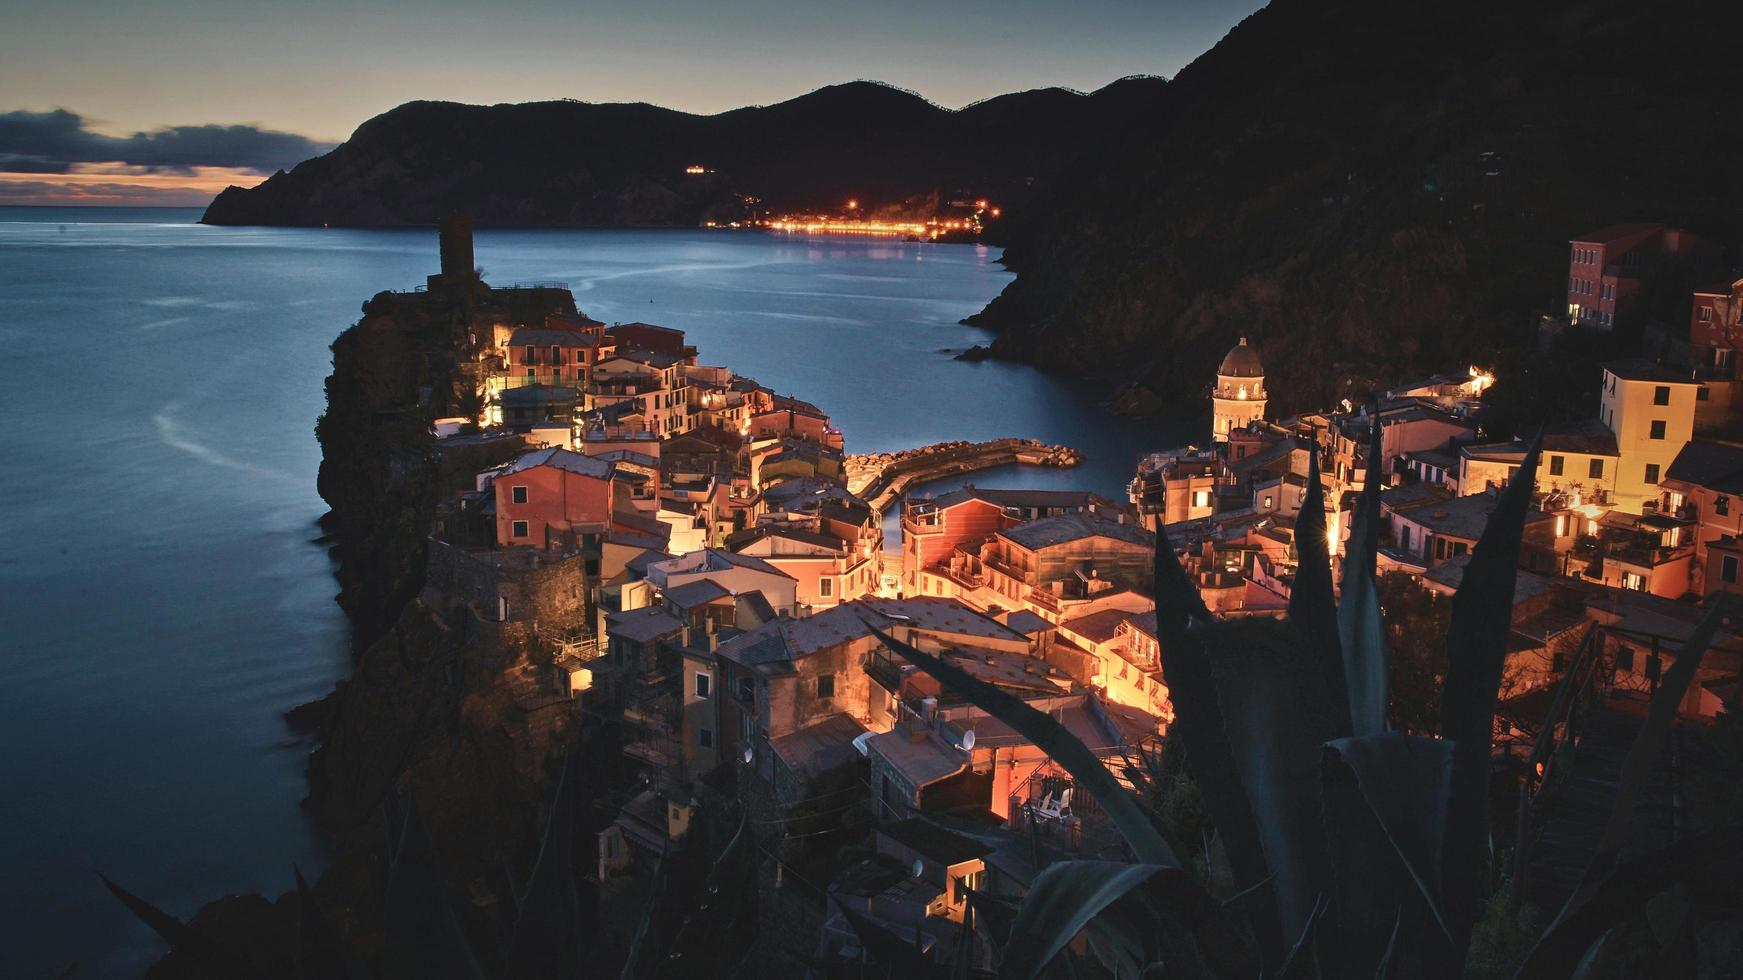 vista aérea de la ciudad cerca del cuerpo de agua foto